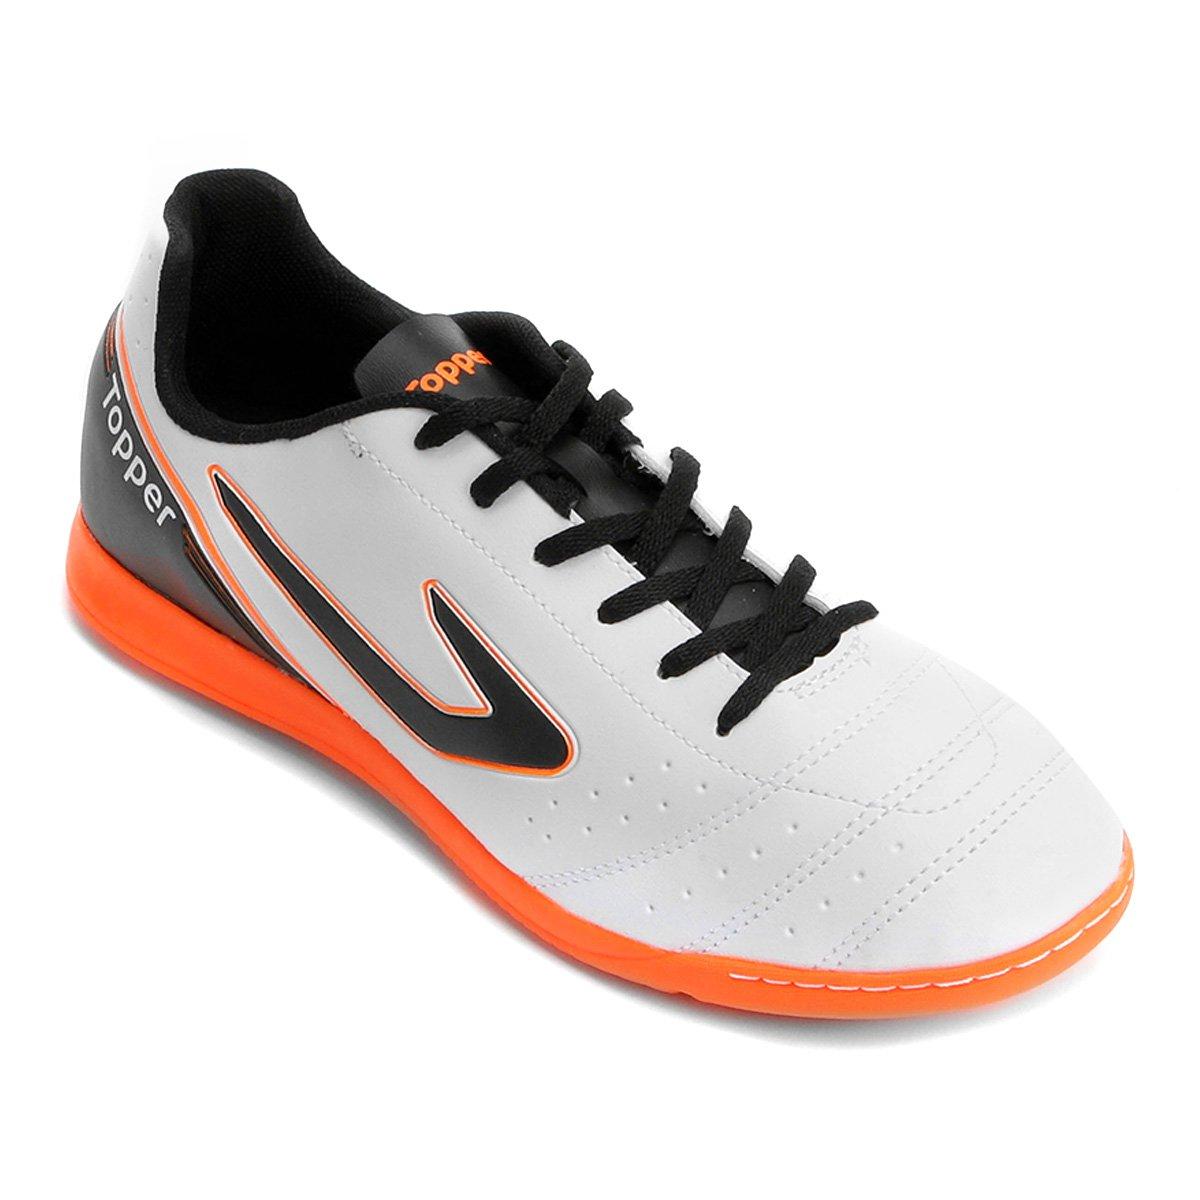 524a82a5c6 Chuteira Futsal Topper Drible - Compre Agora